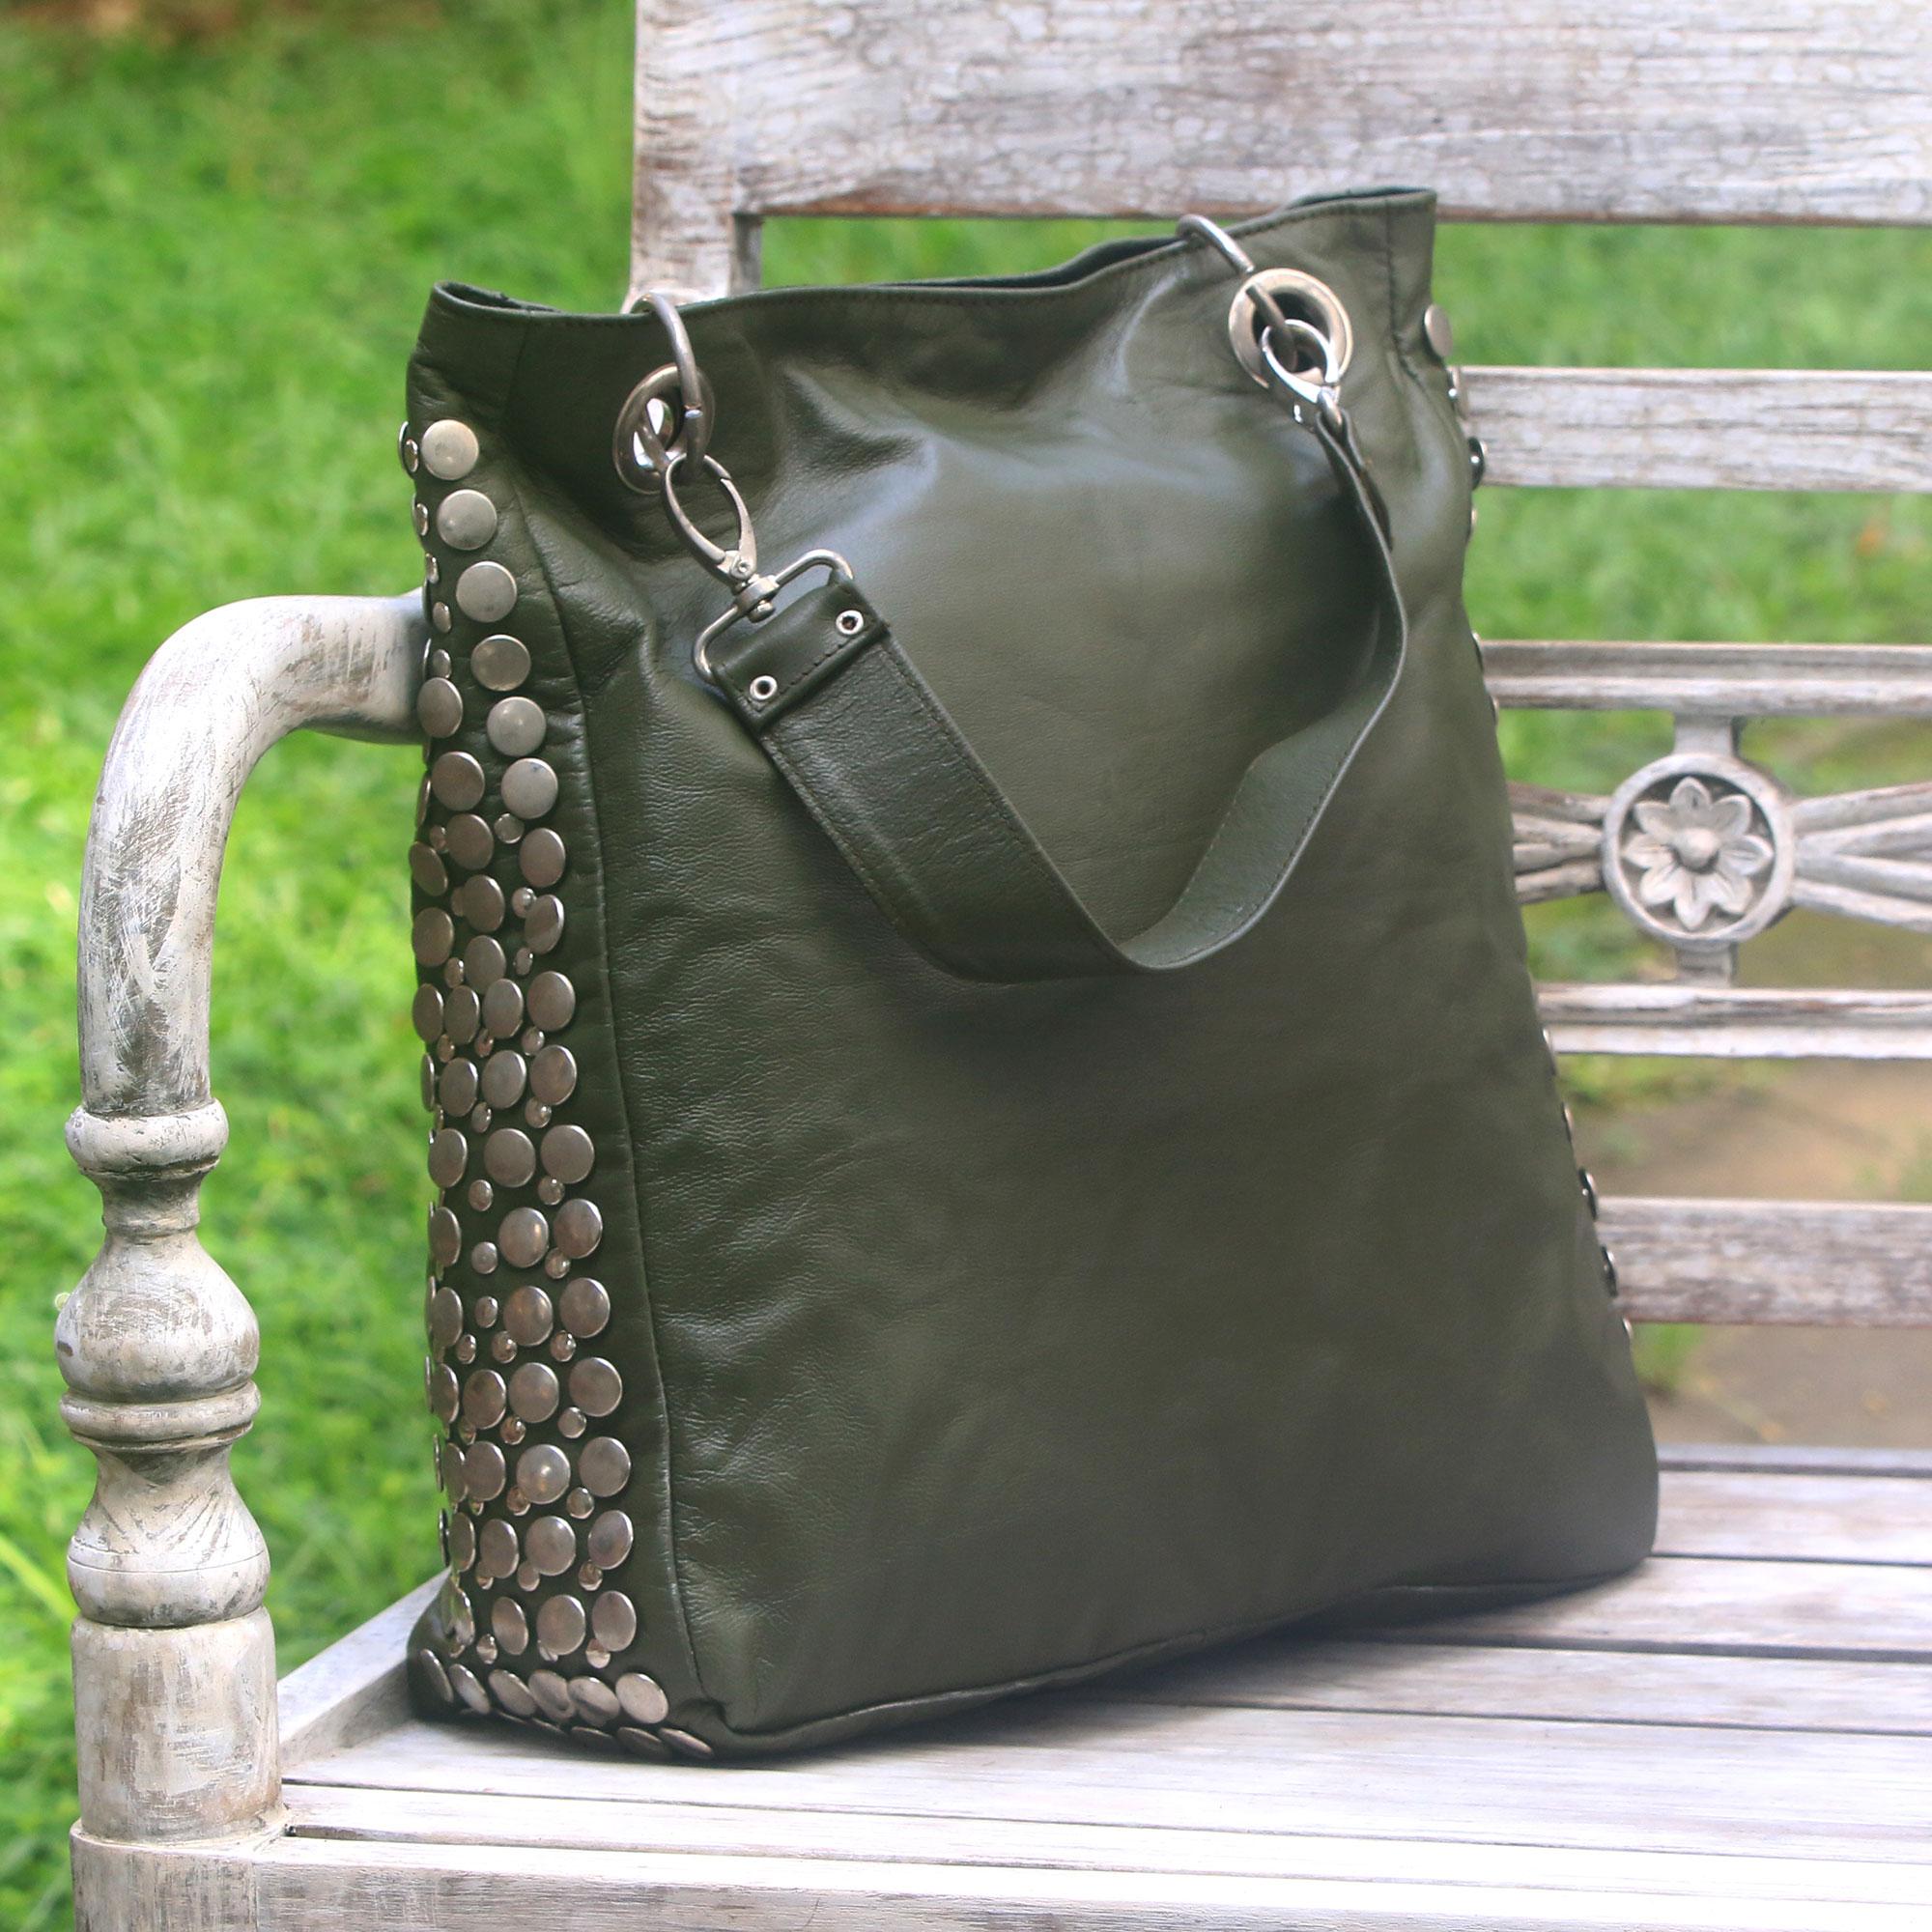 Black Leather Studded Shoulder Bag